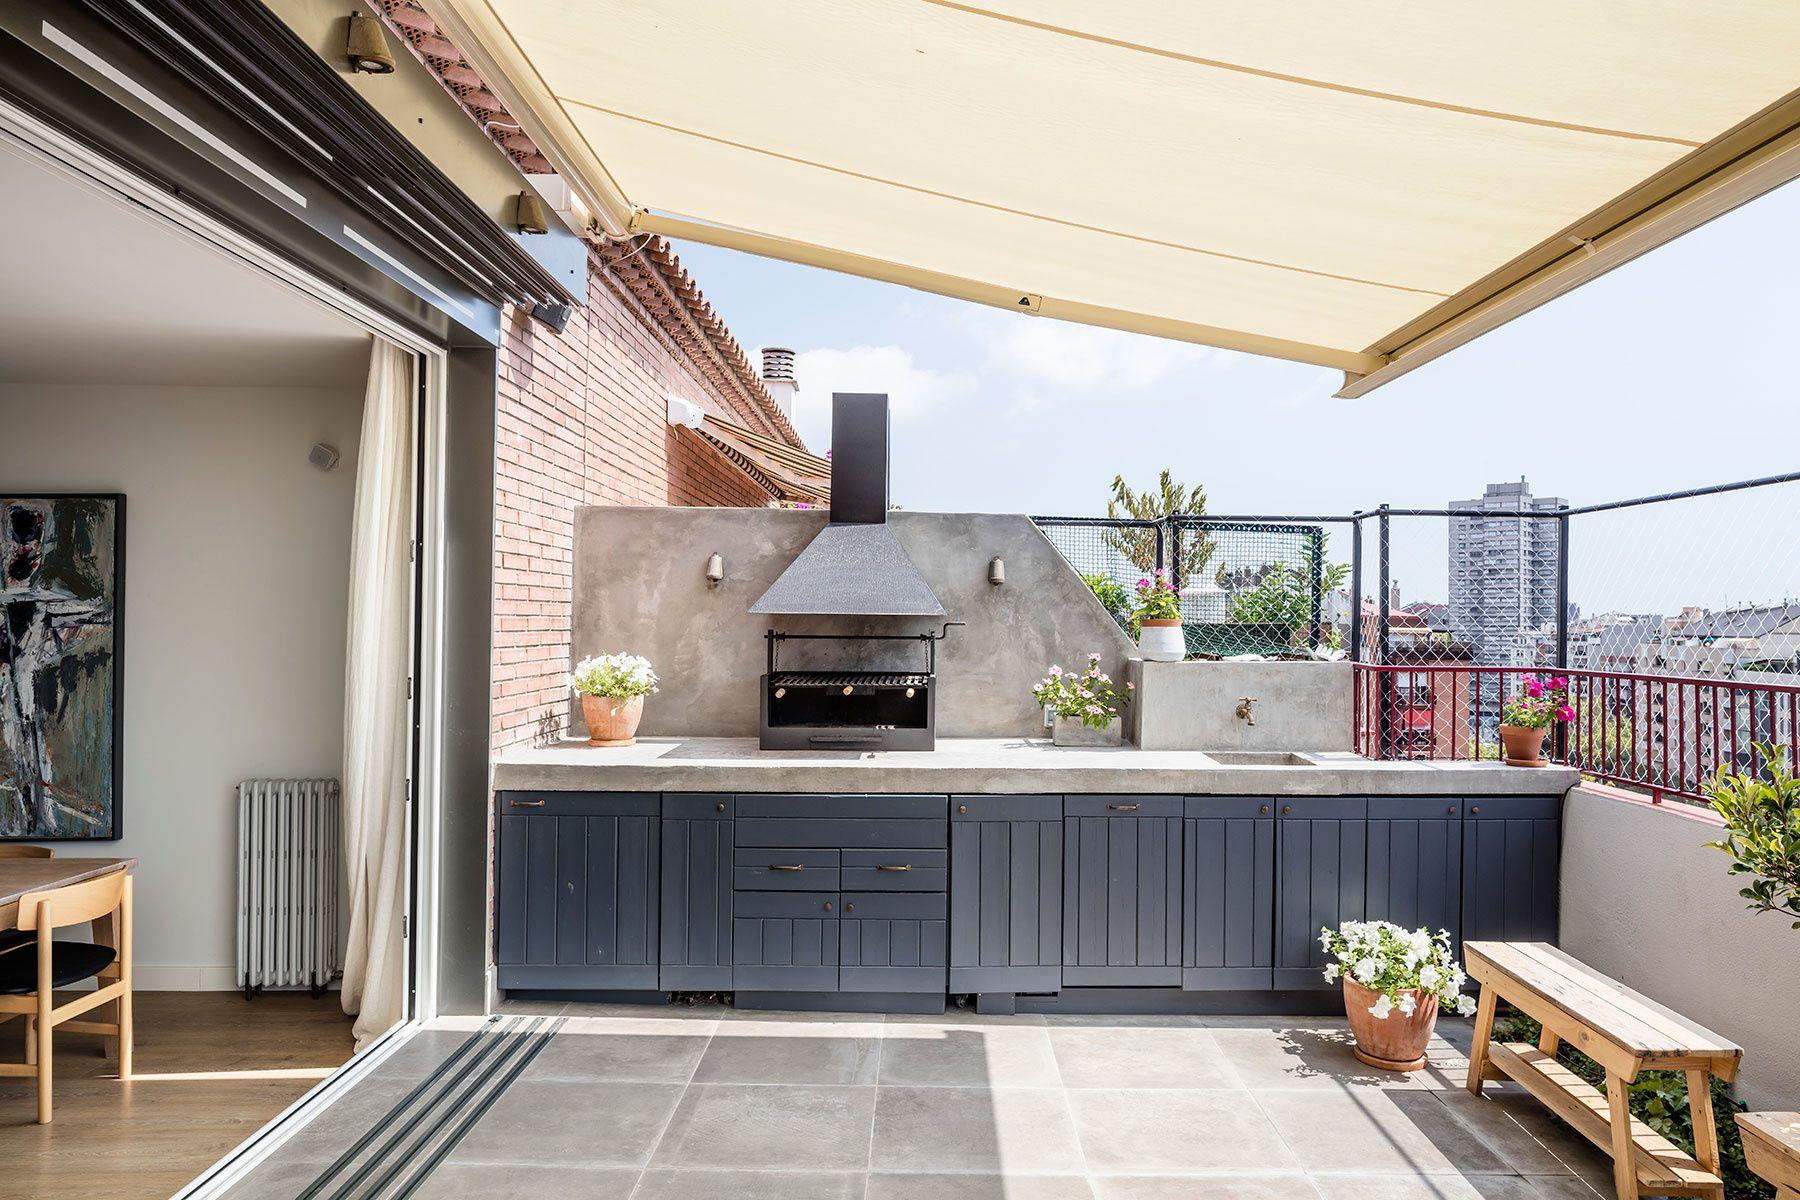 Cocina Americana Diseño De Balcón Diseño De Terraza Casas